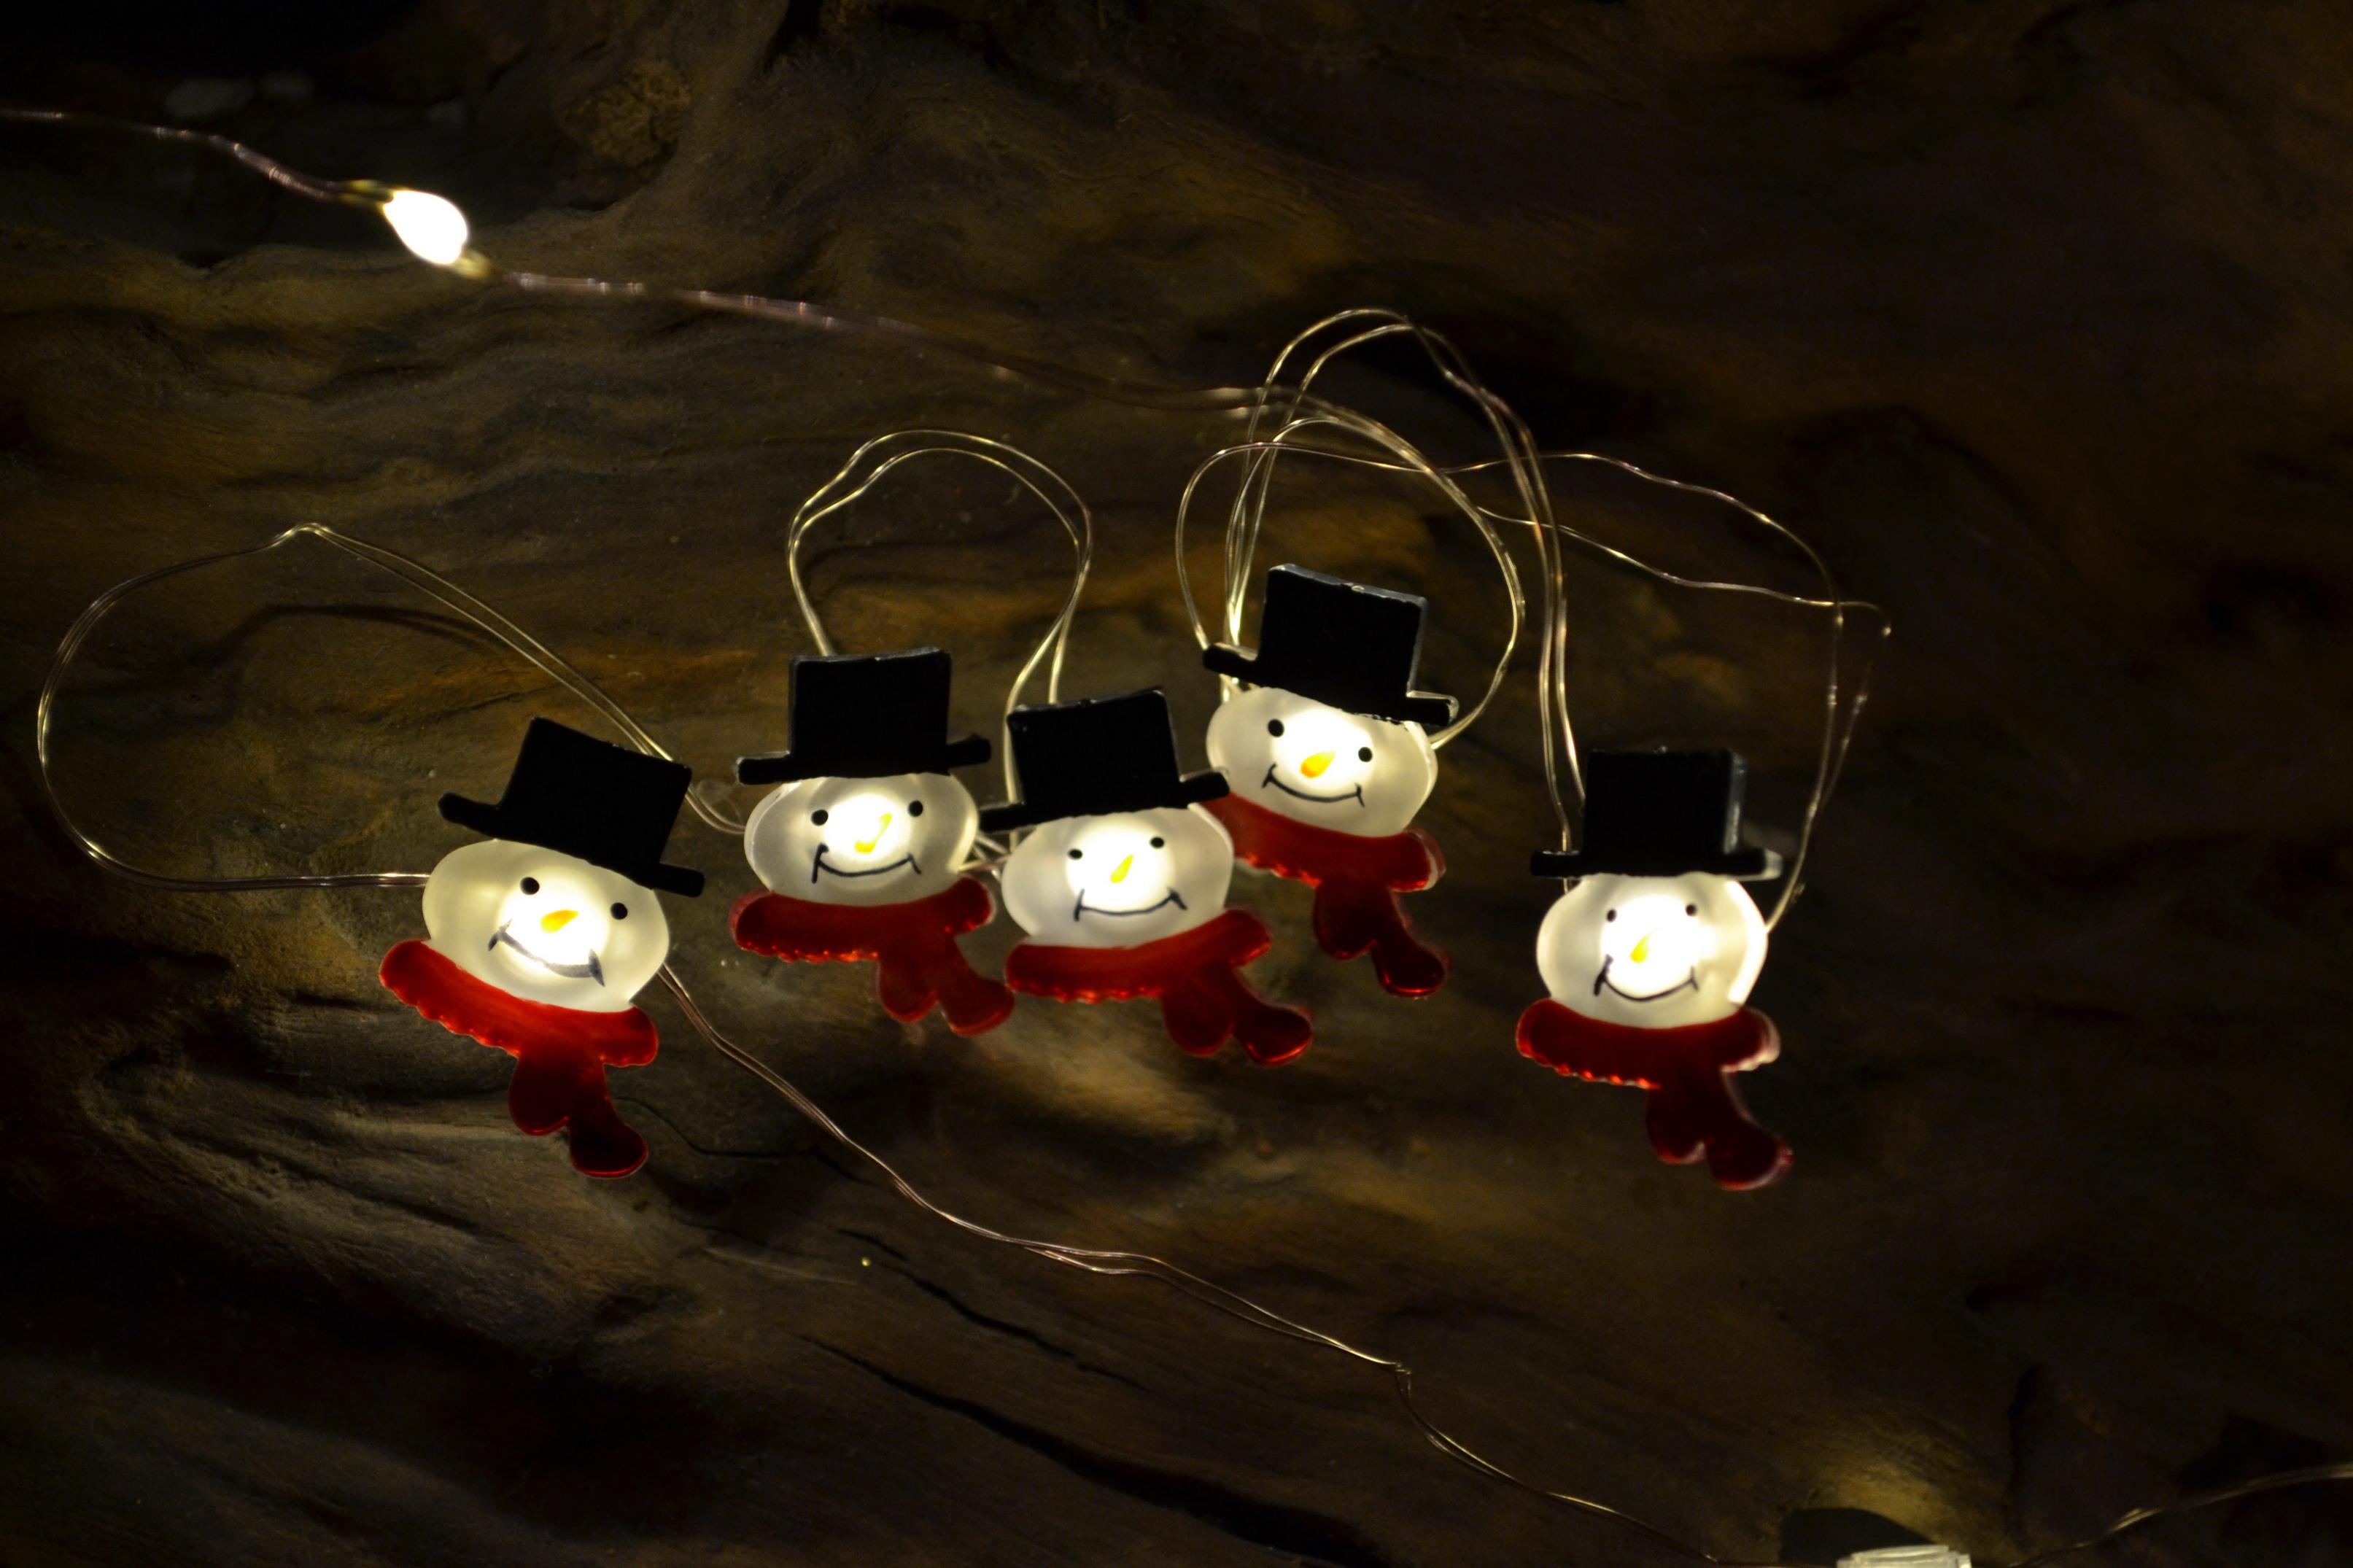 led lichterkette schneemann schneemannlichterkette weihnachtsdeko 190cm innen ebay. Black Bedroom Furniture Sets. Home Design Ideas